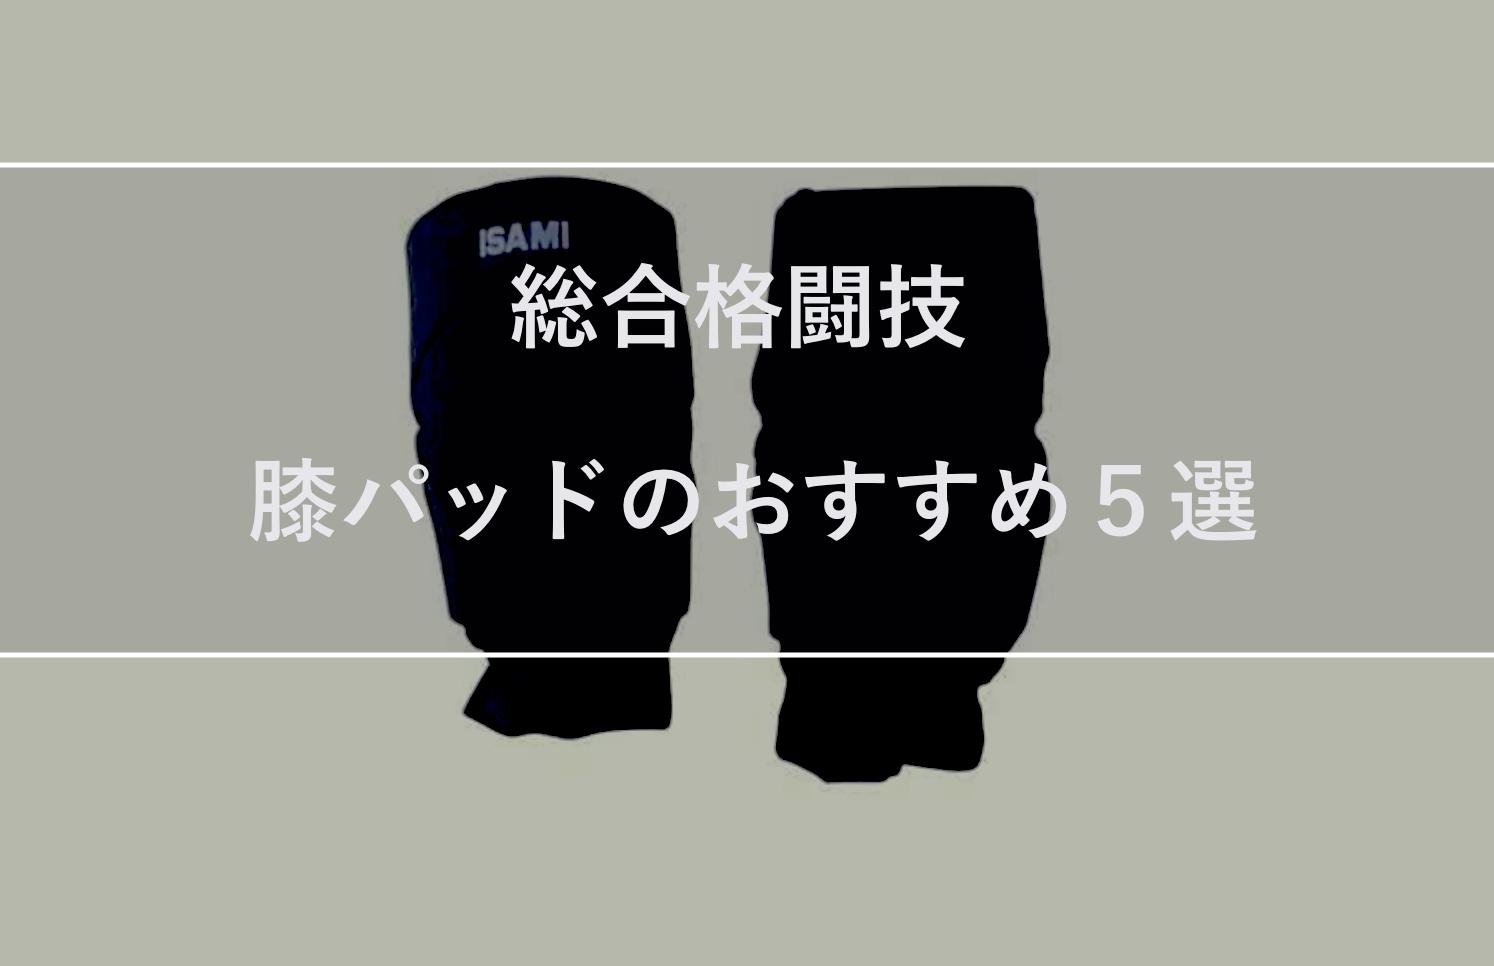 【総合格闘技】膝パッド(ニーパッド)のおすすめ5選を紹介します。